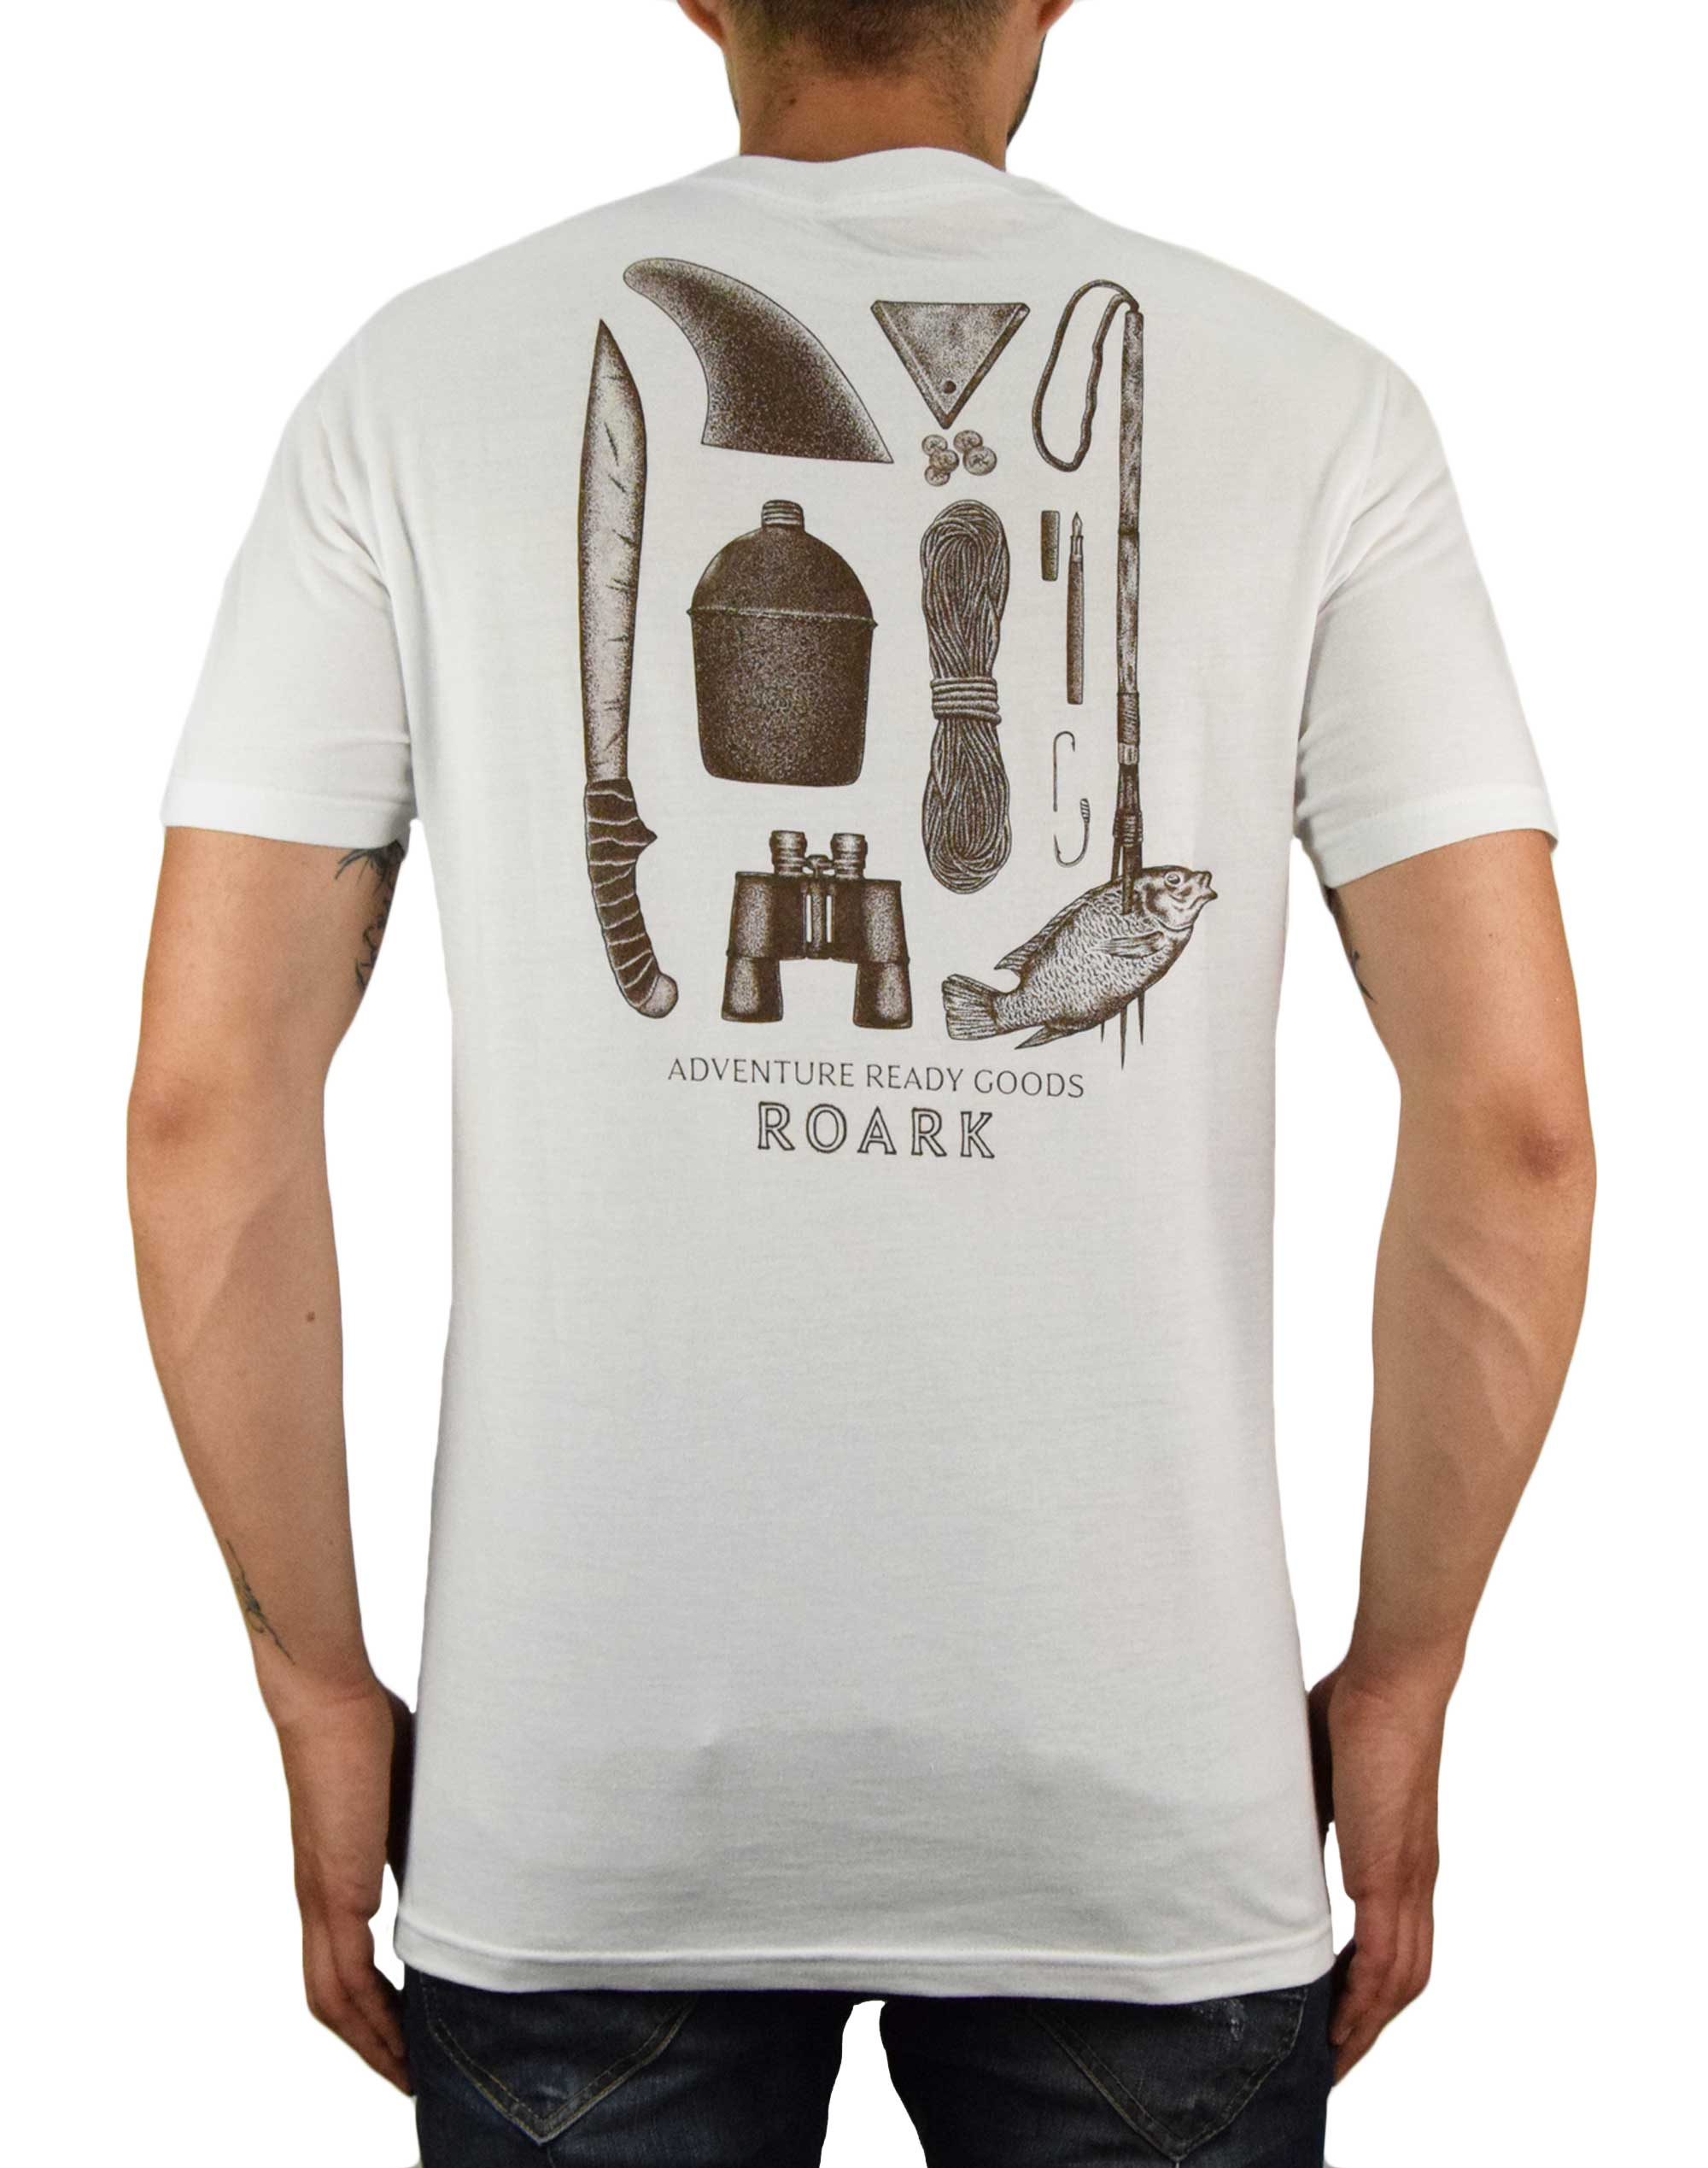 Roark Survival Kit Tee (RT679) White